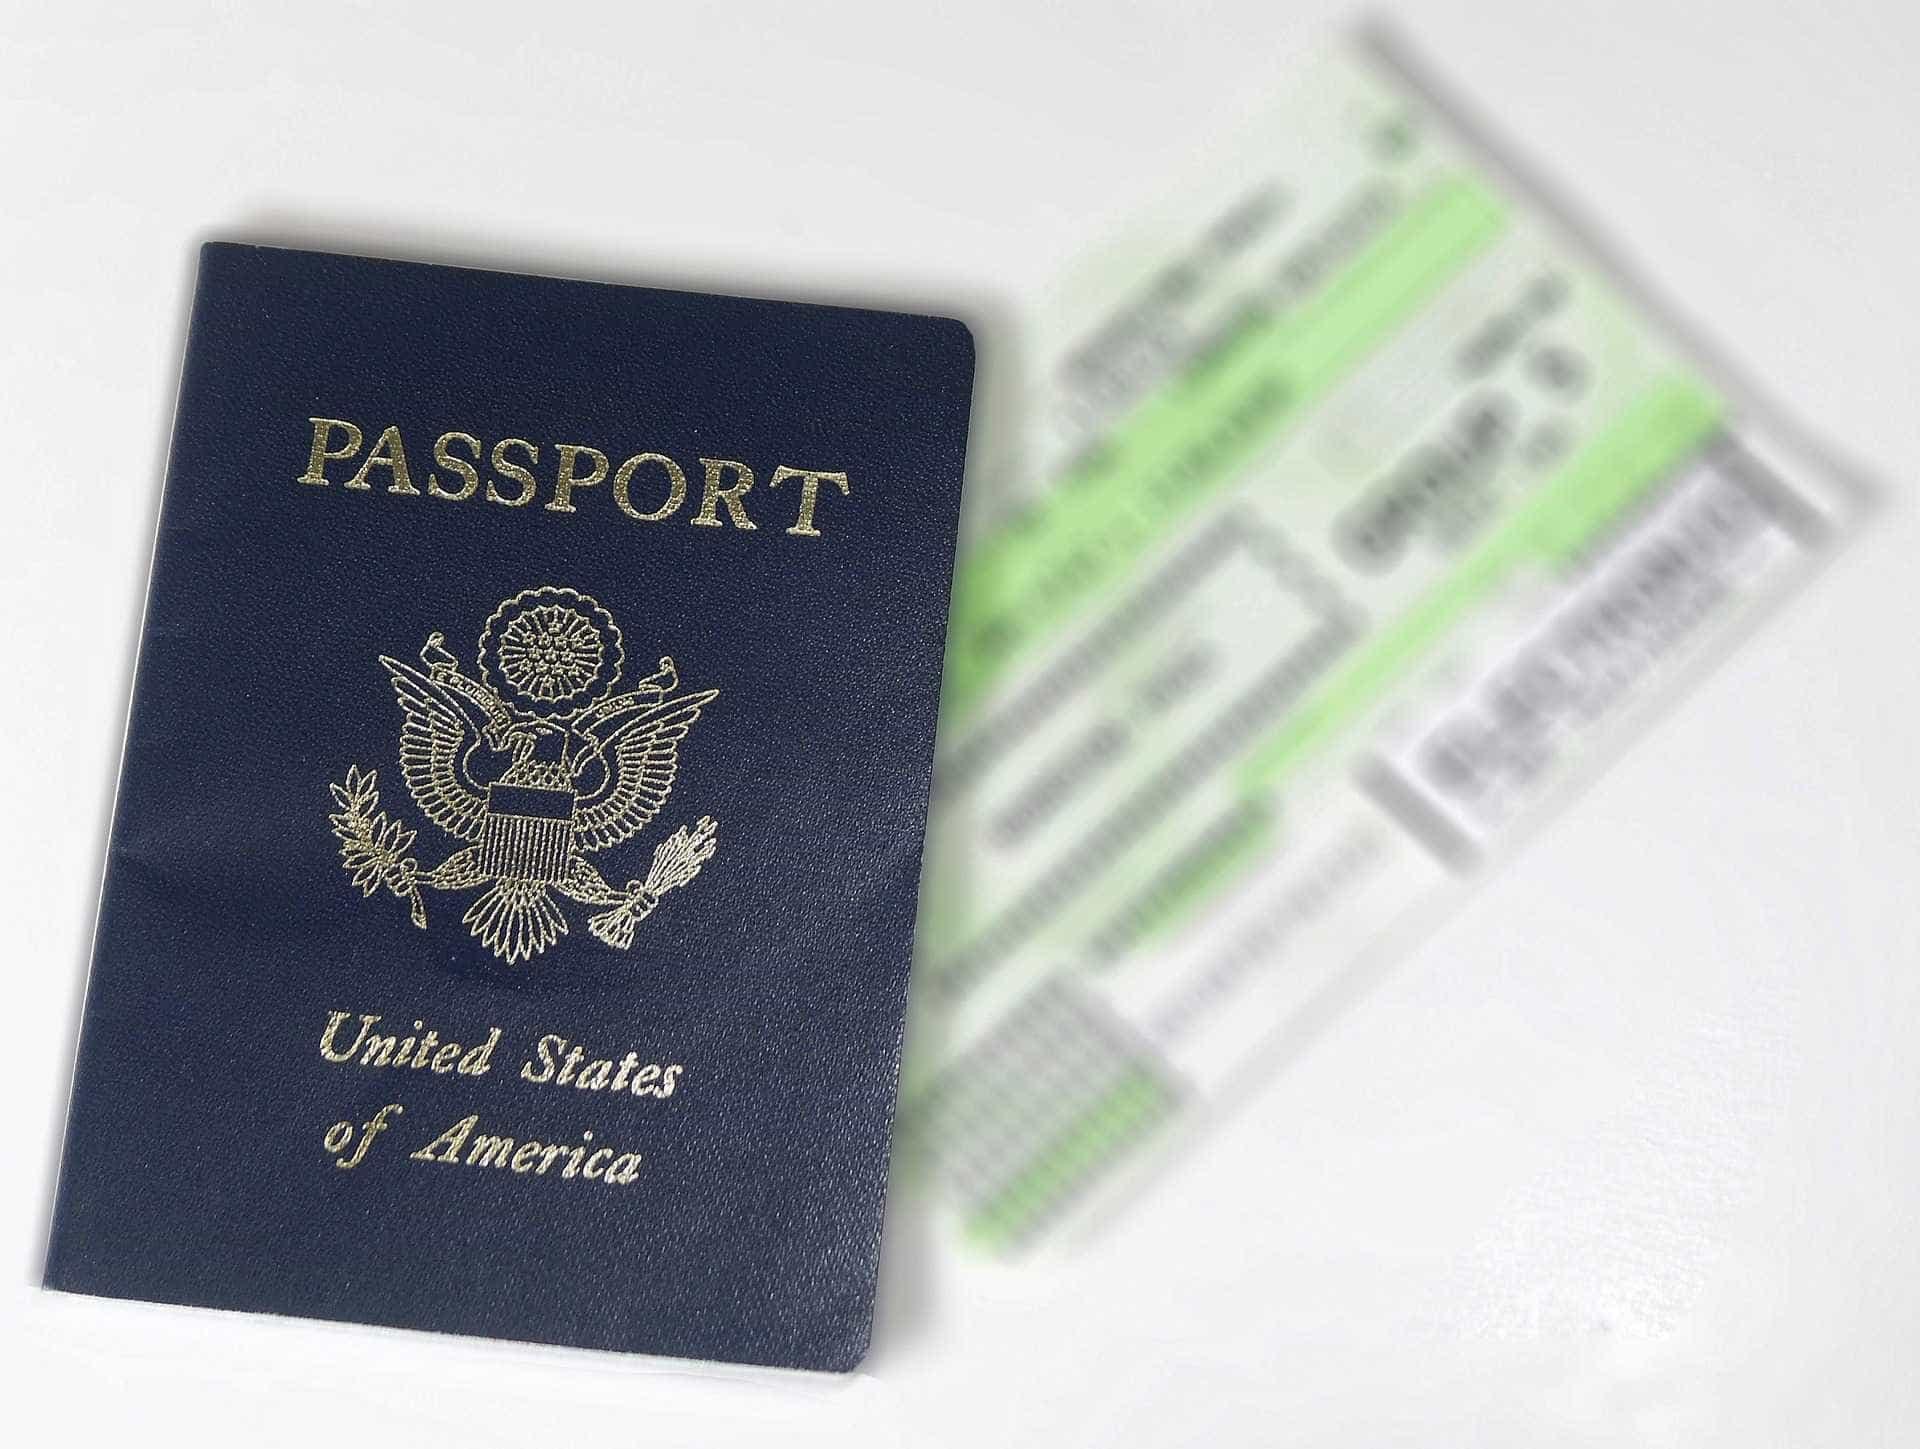 Brasil dispensa visto para turistas dos EUA, Canadá, Japão e Austrália